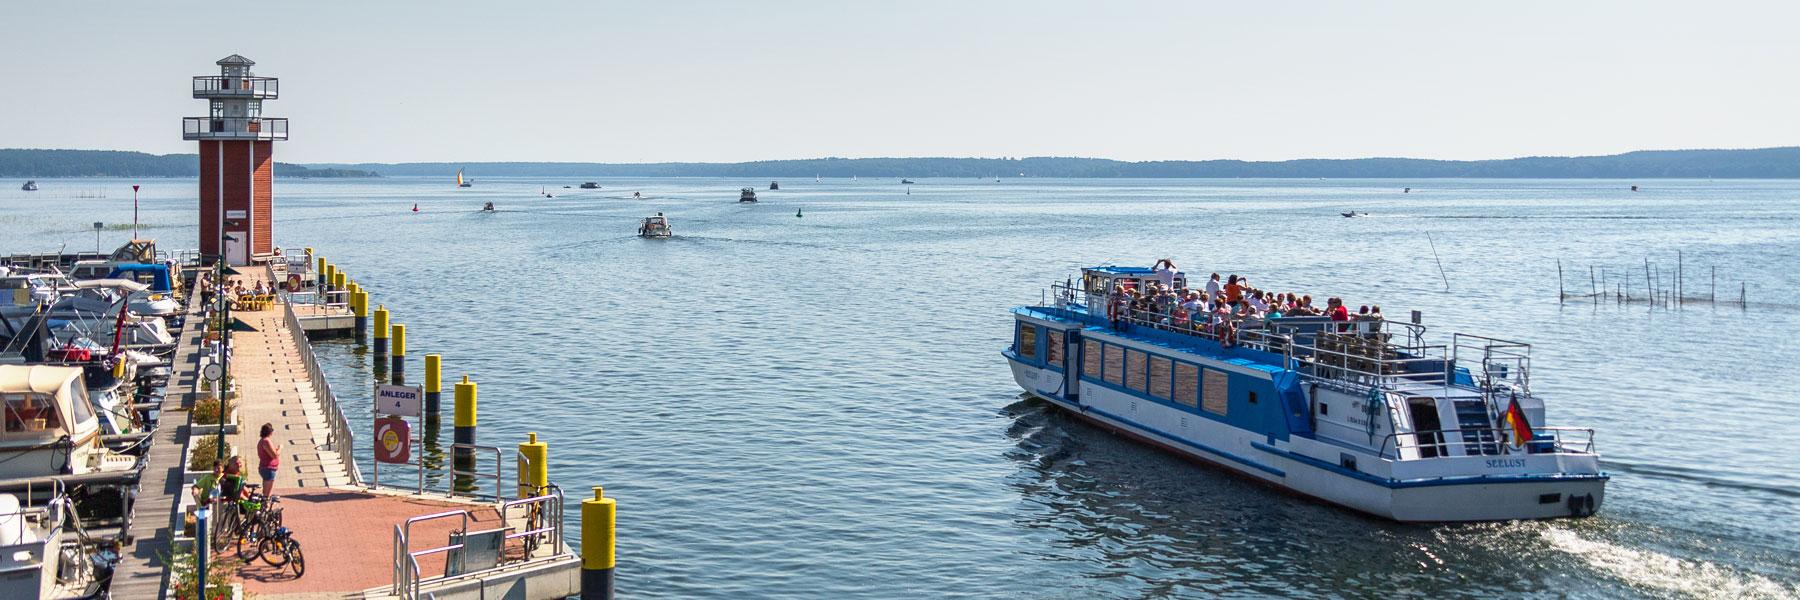 Leuchtturm - Fahrgastschifffahrt Wichmann